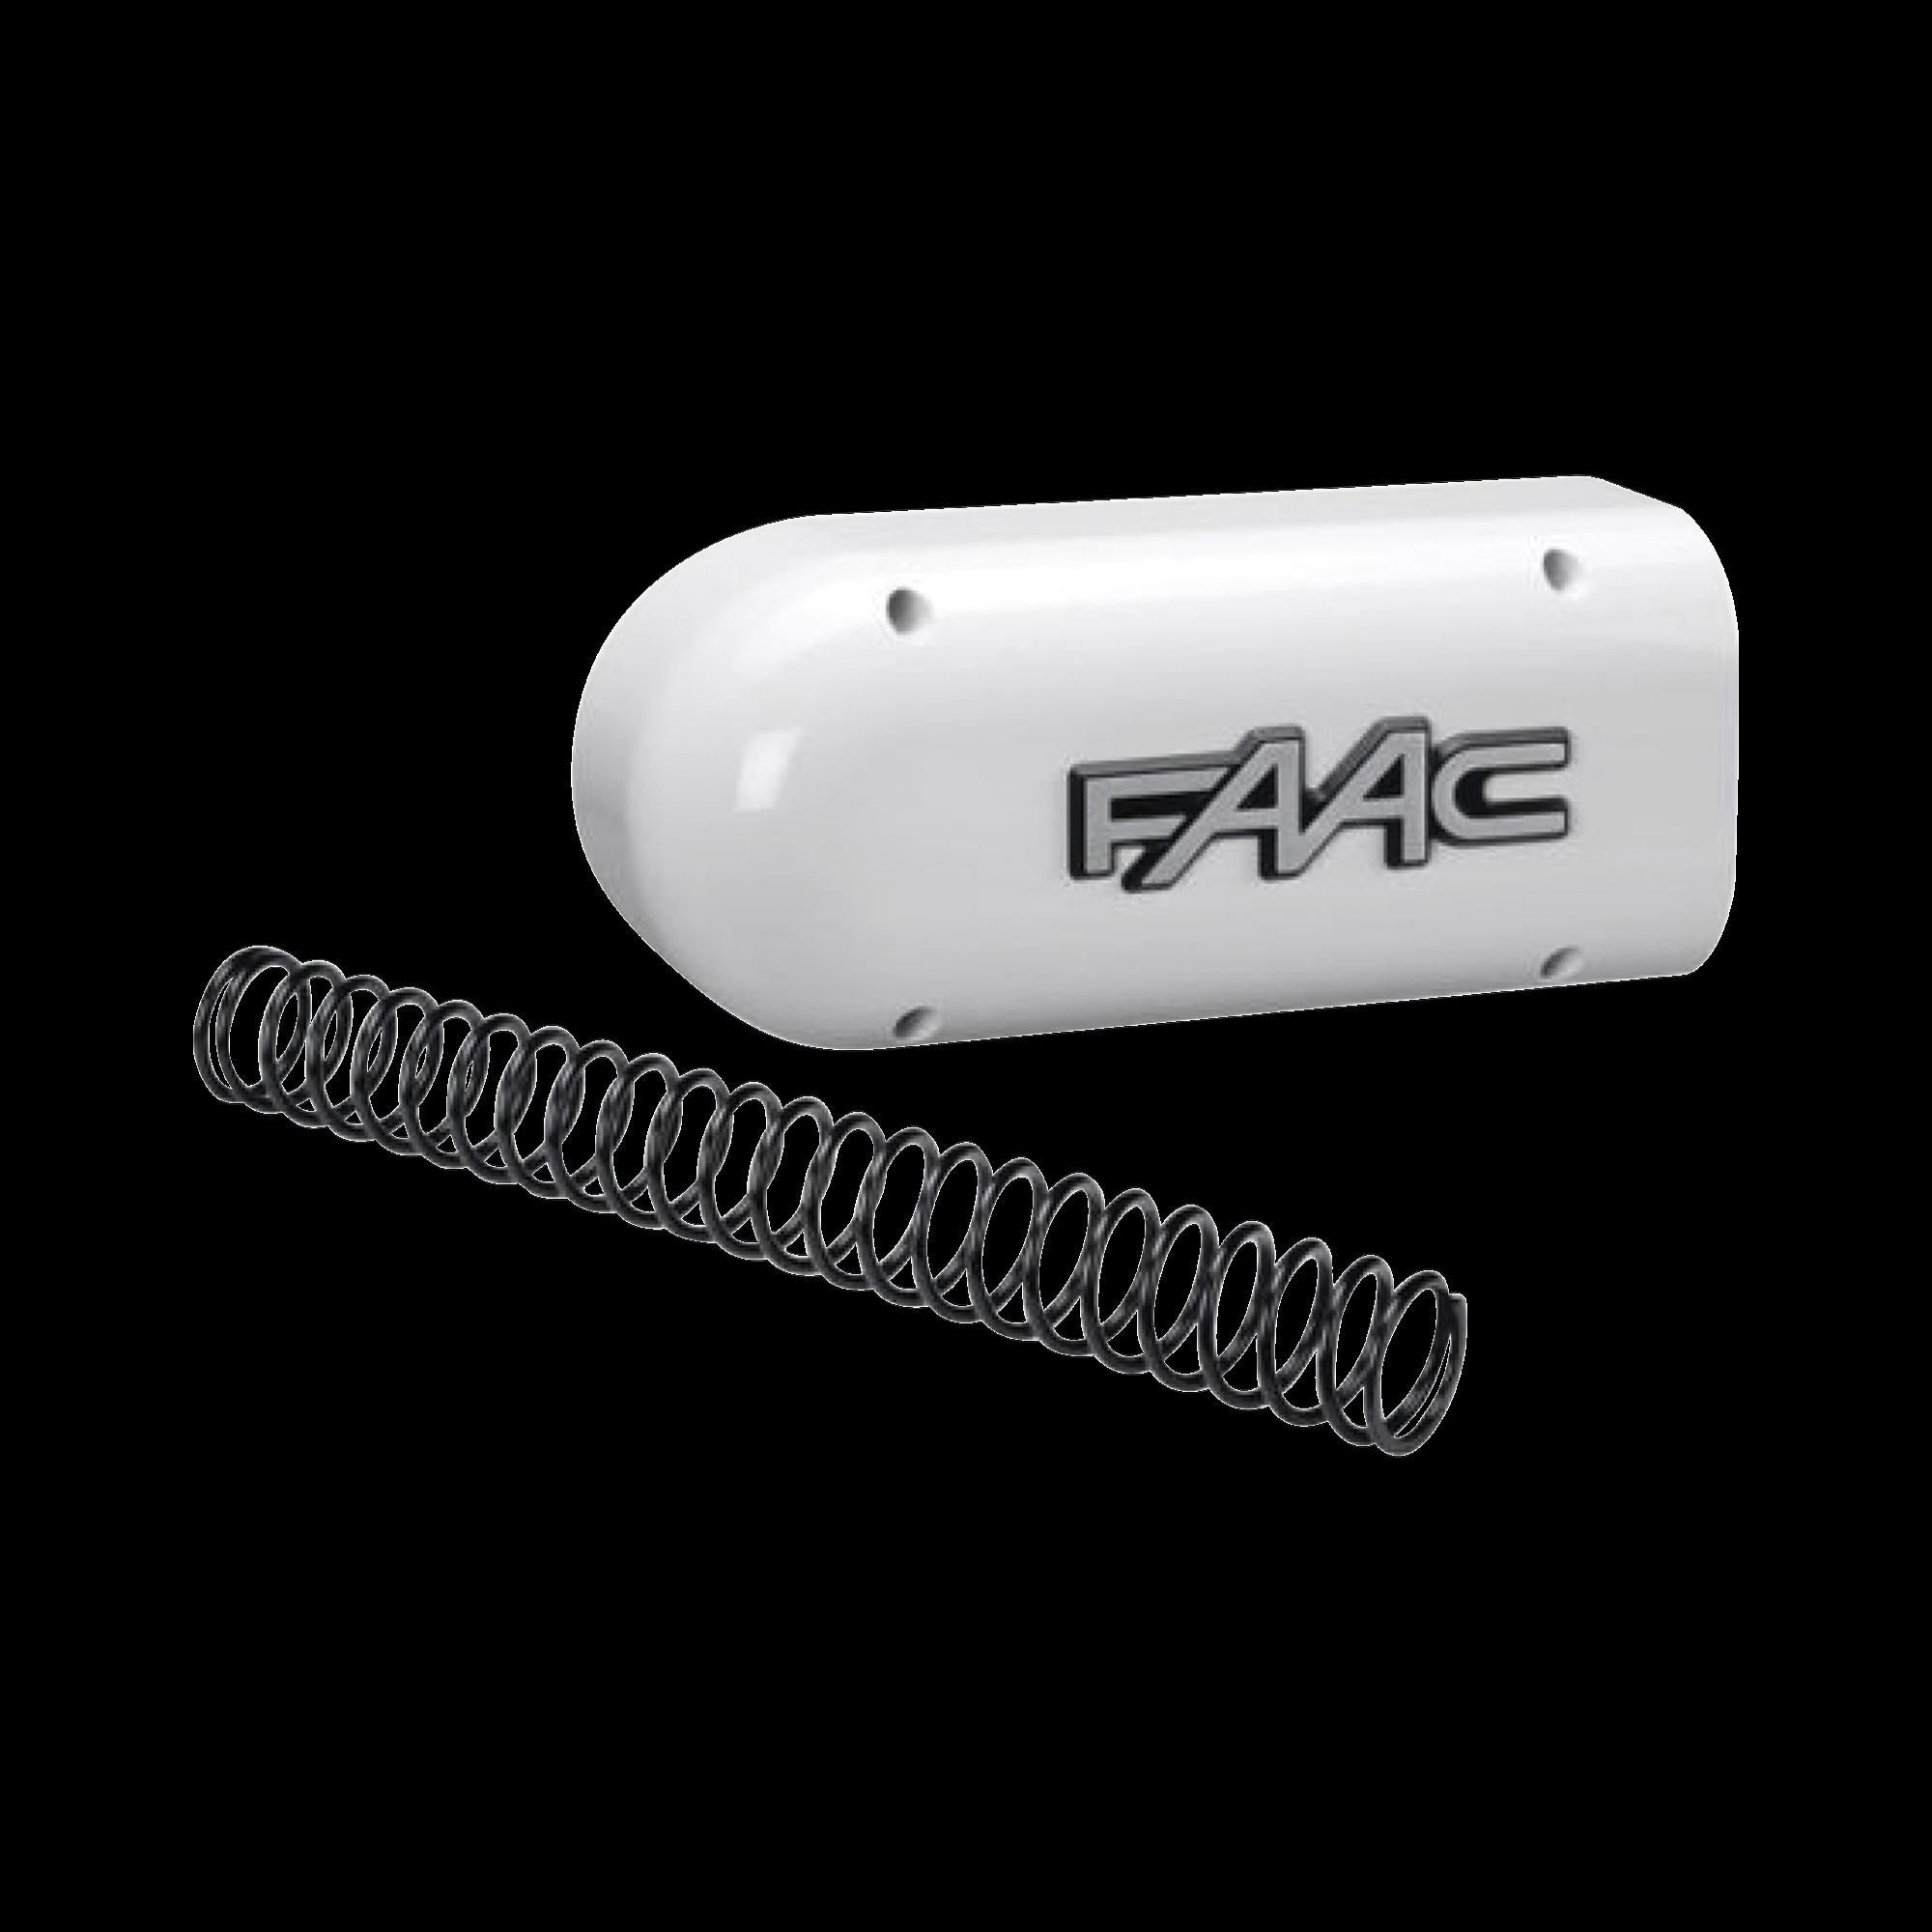 Resorte y Bracket para barrera FAAC B680H / Compatible con brazos de 2.3 a 5.3 metros